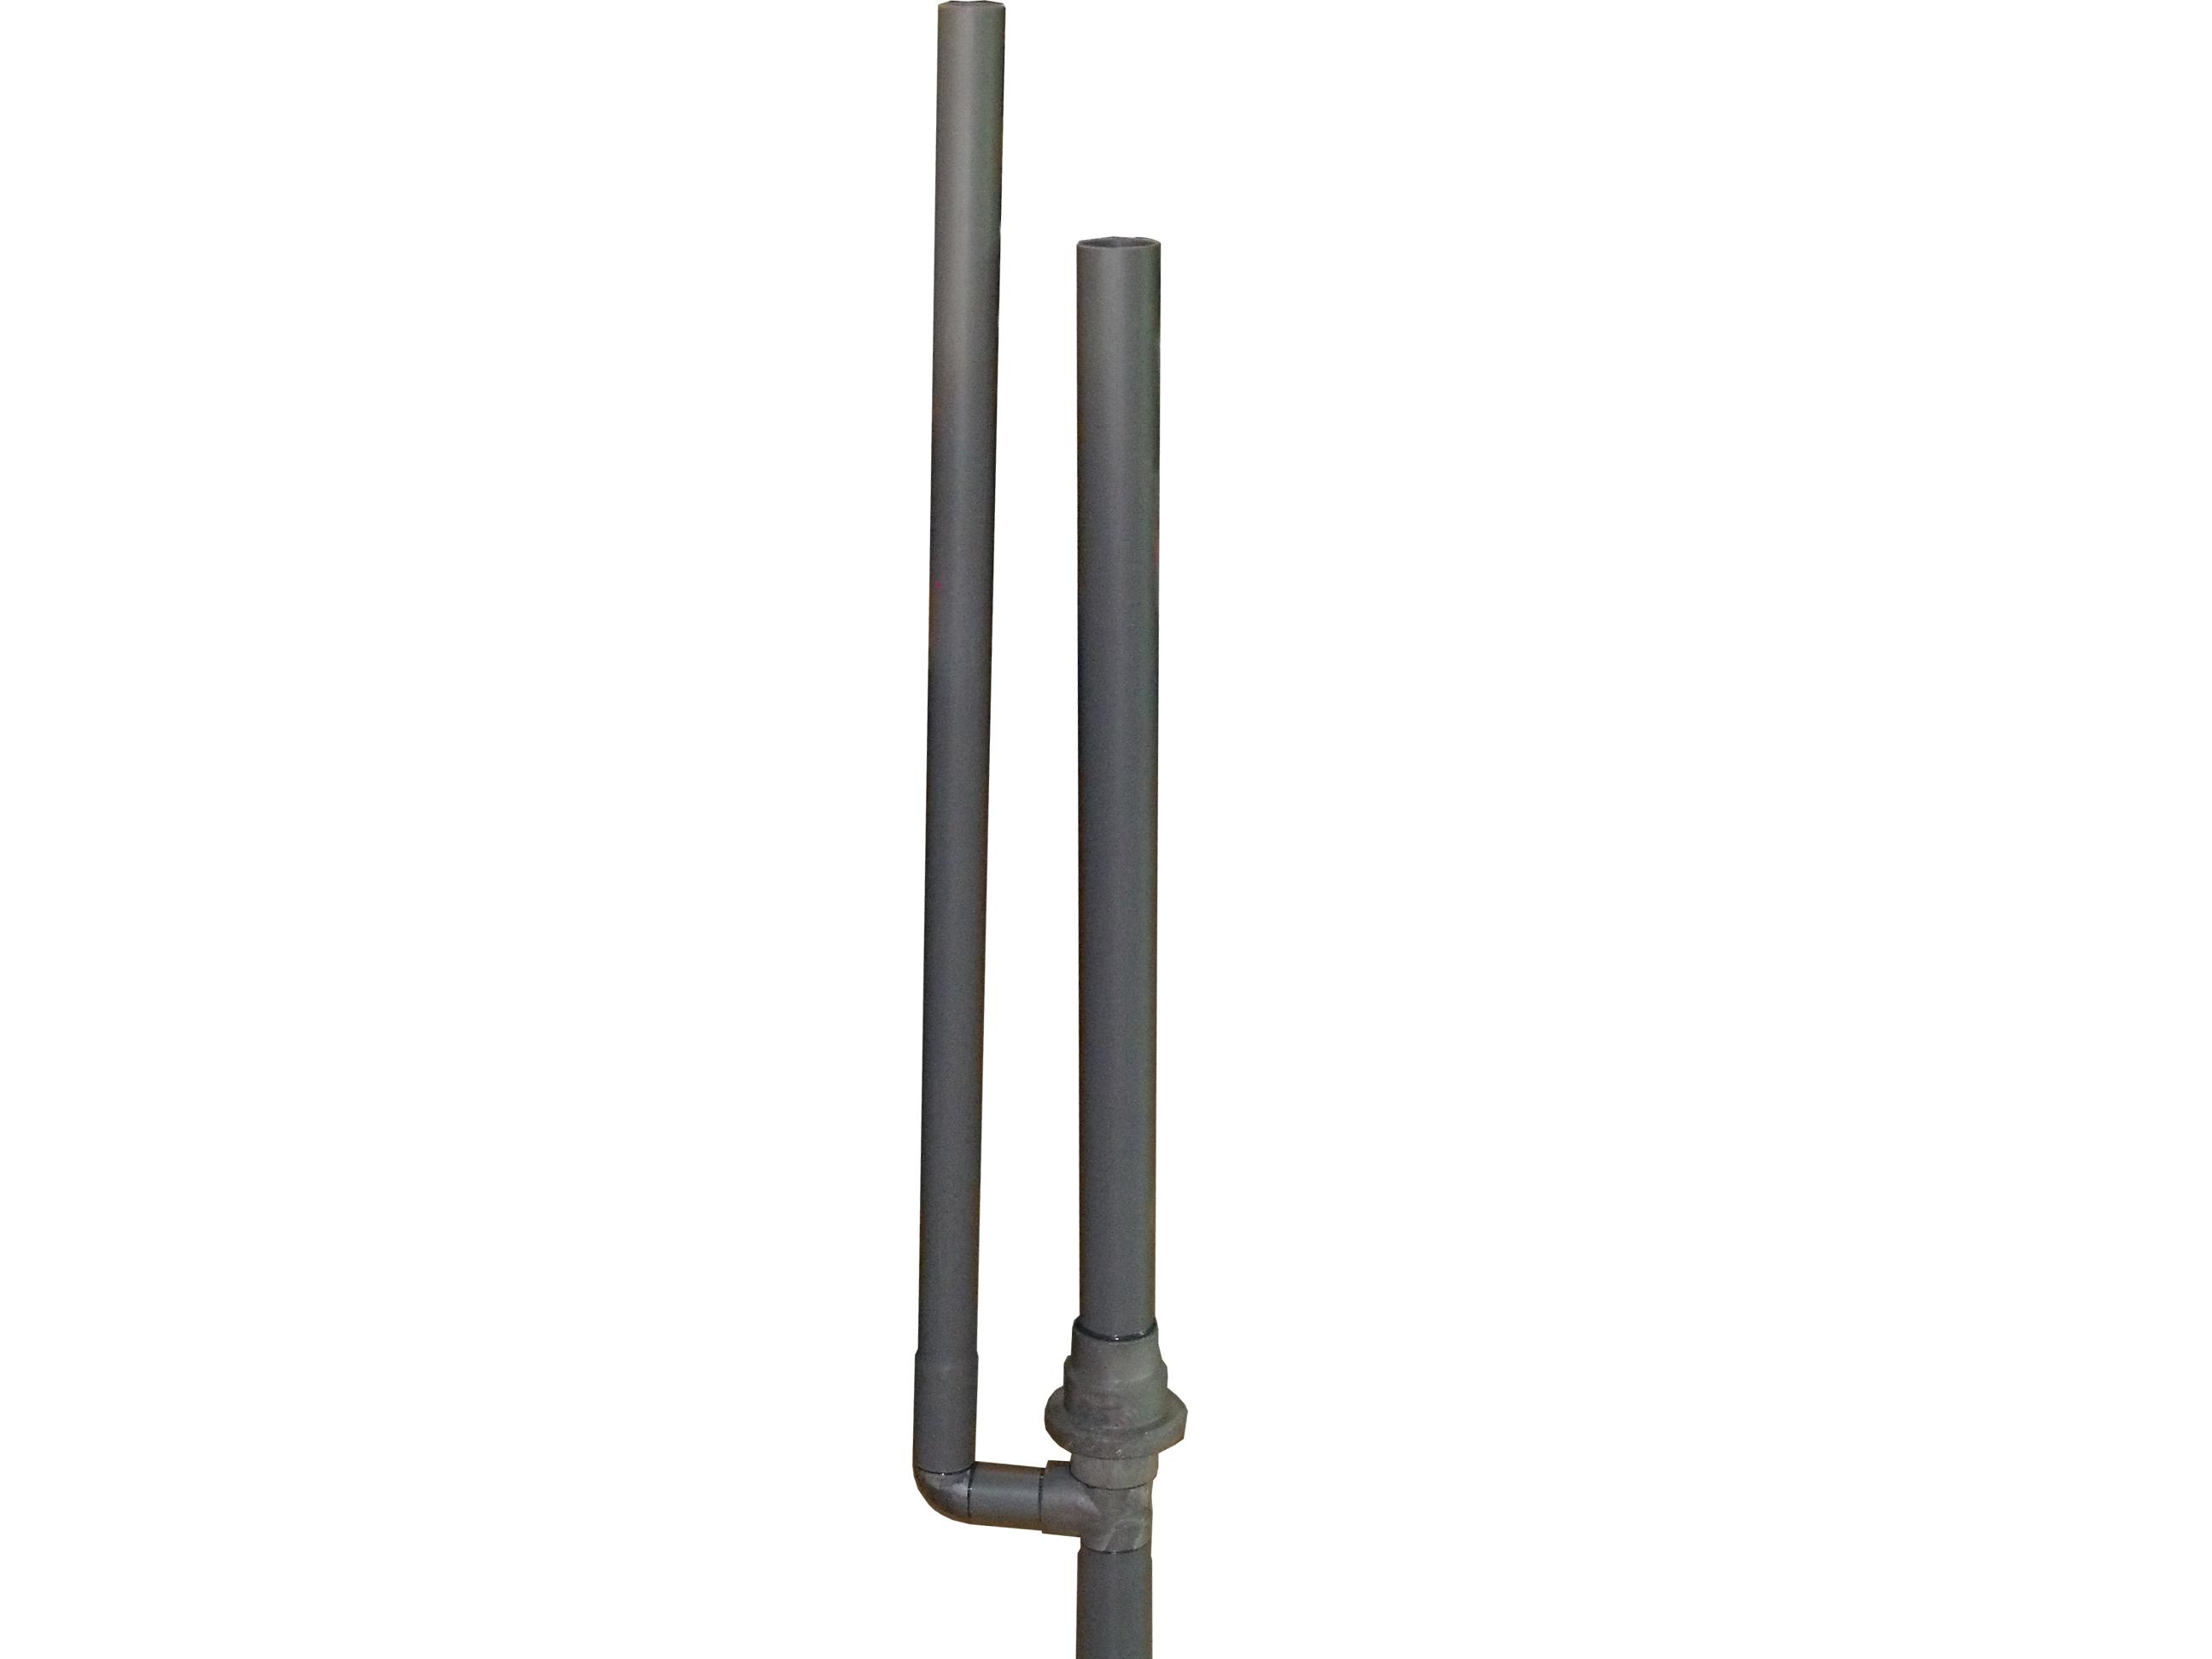 Kútfej D50 norton kútra PVC